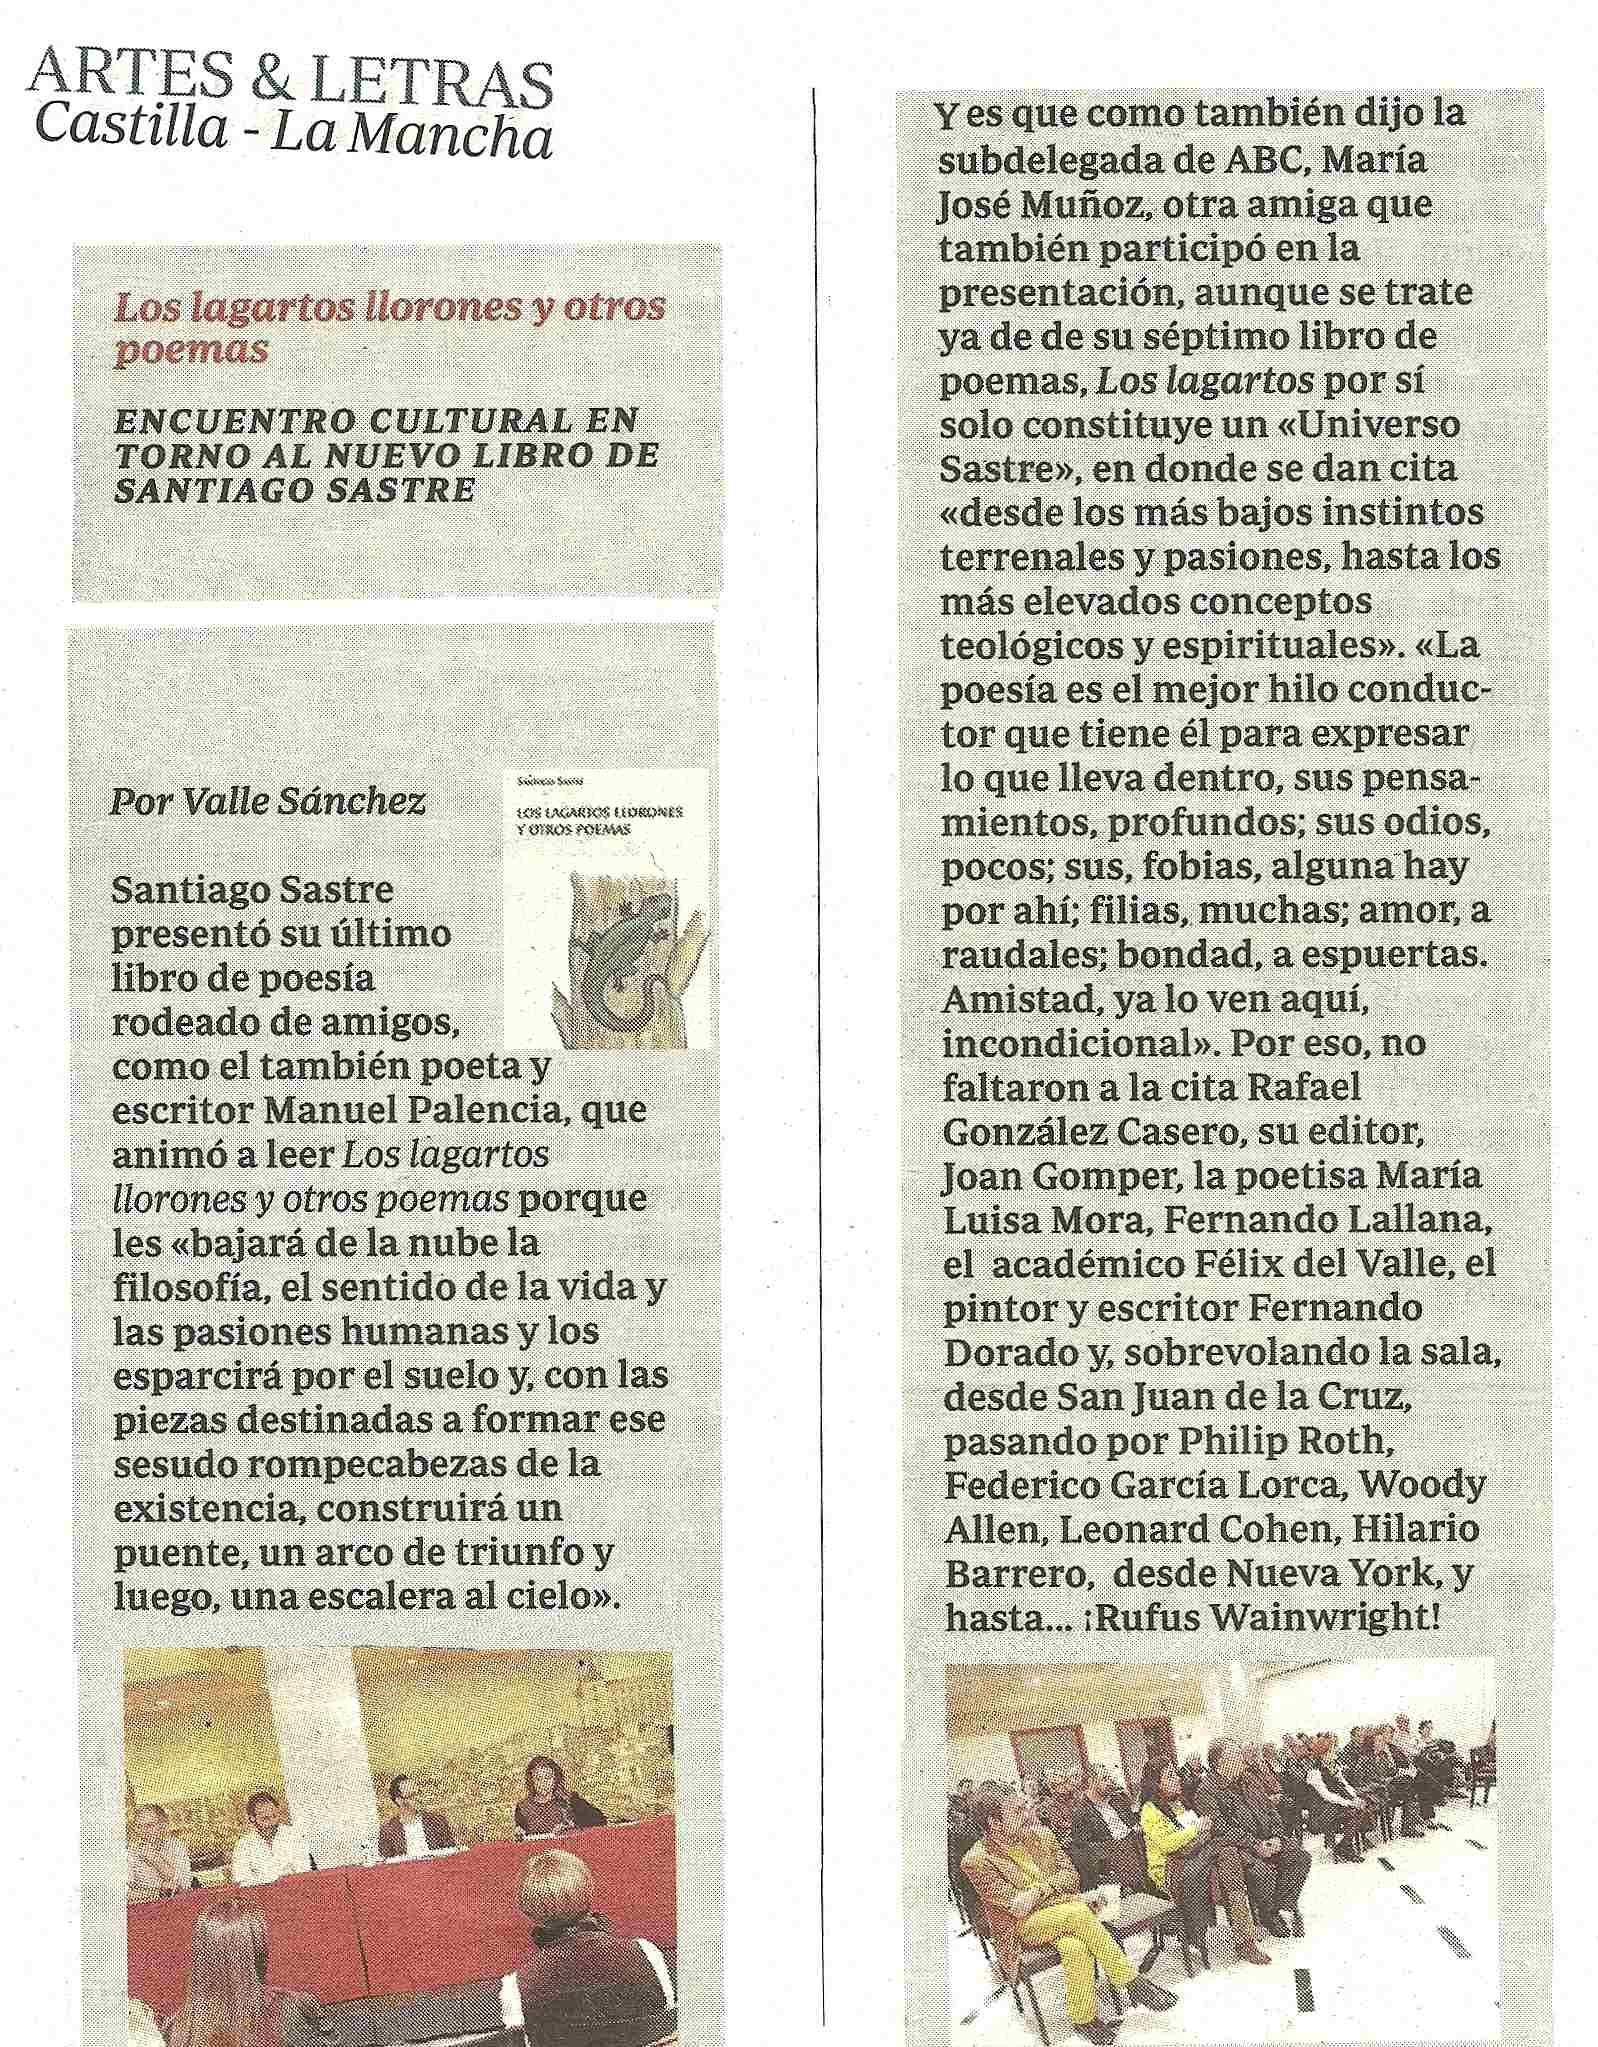 ABC : Los lagartos llorones, por Valle Sánchez.